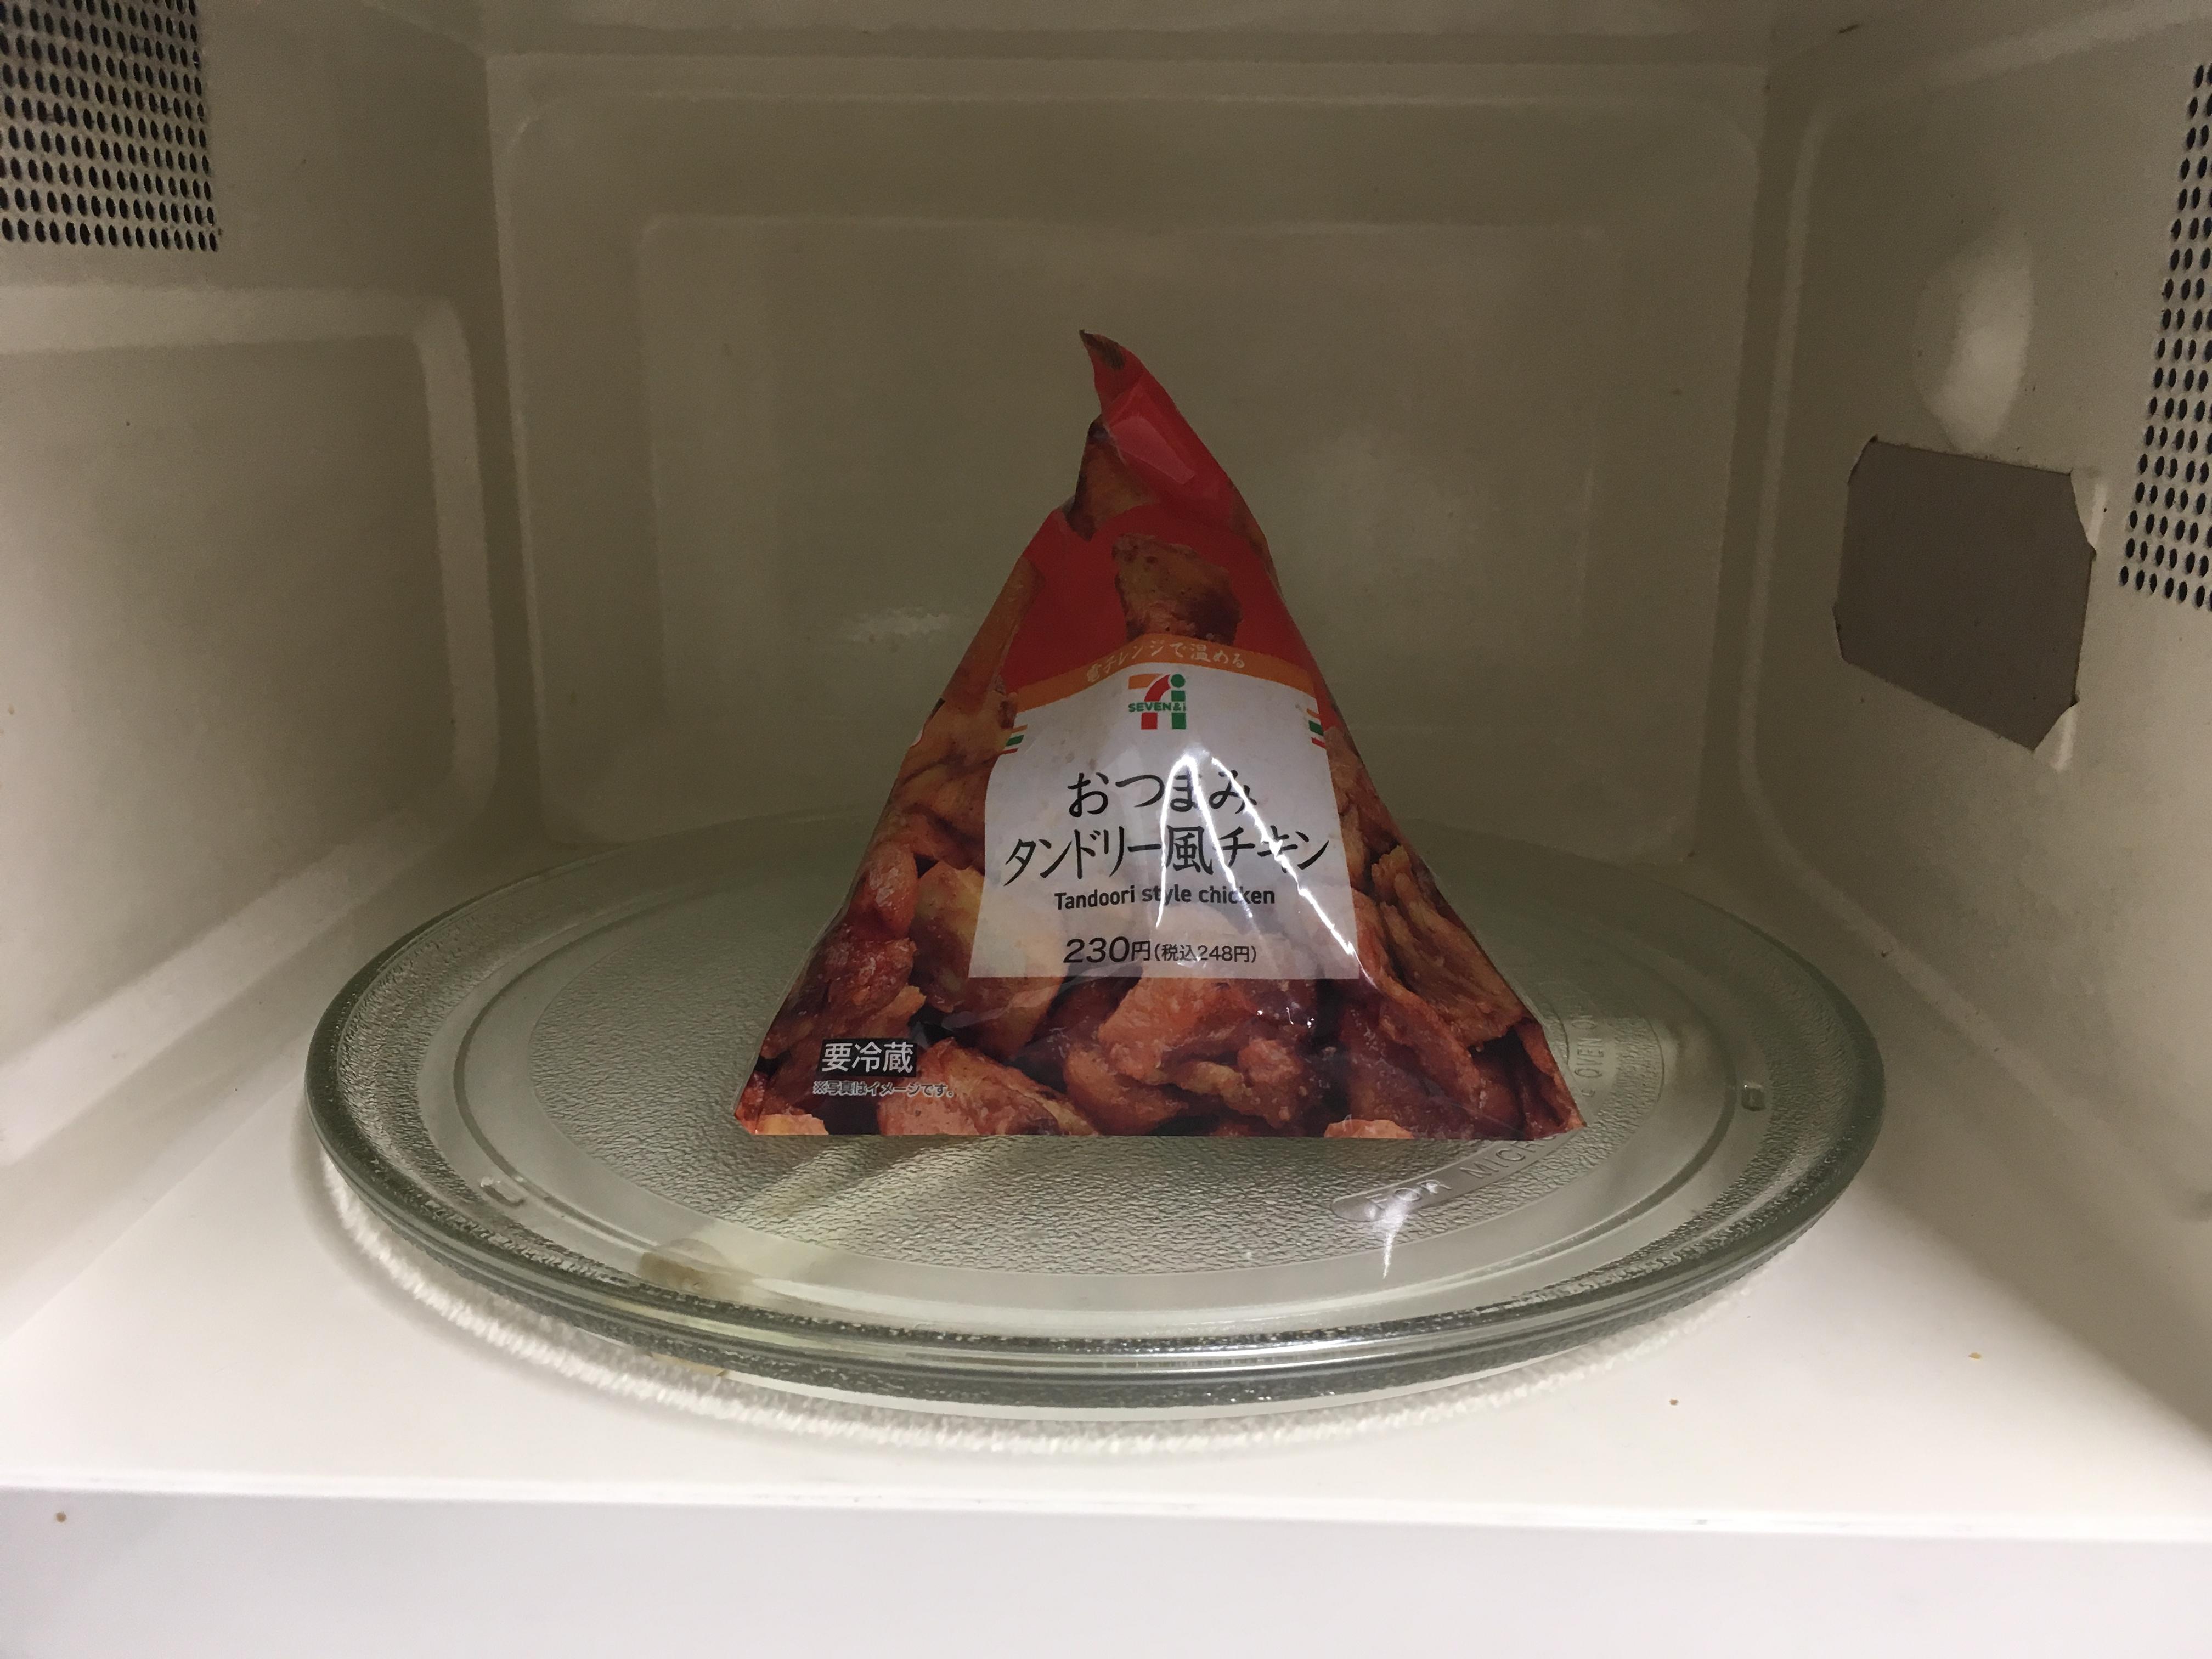 レンジに置かれたおつまみタンドリー風チキン